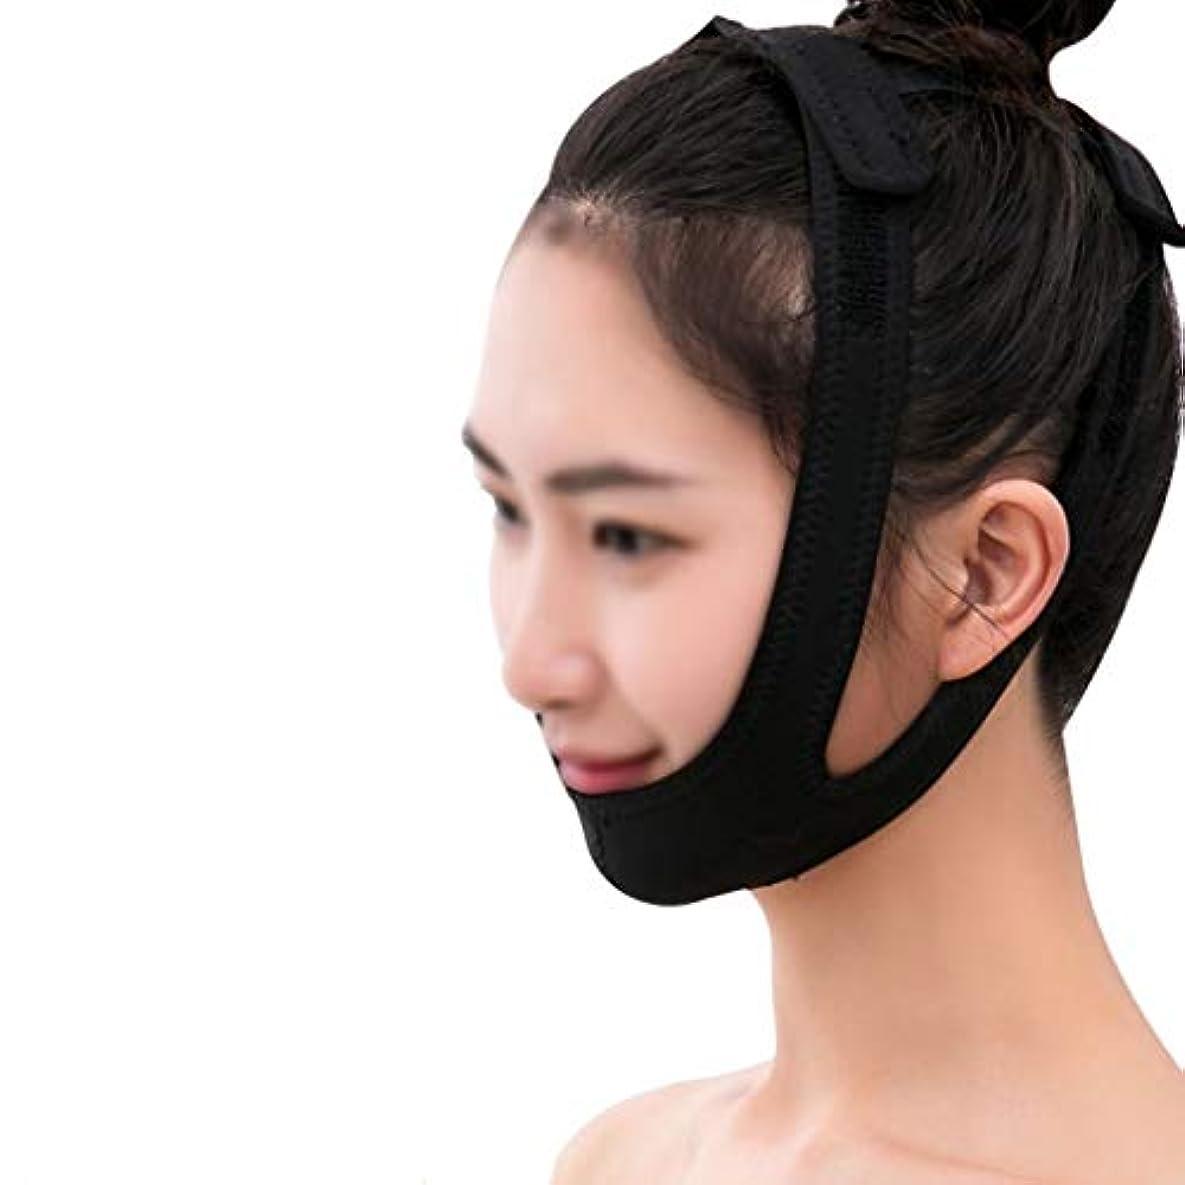 かんたん赤ちゃん笑いフェイシャルリフティングマスク、医療用ワイヤーカービングリカバリーヘッドギアVフェイスバンデージダブルチンフェイスリフトマスクブラック